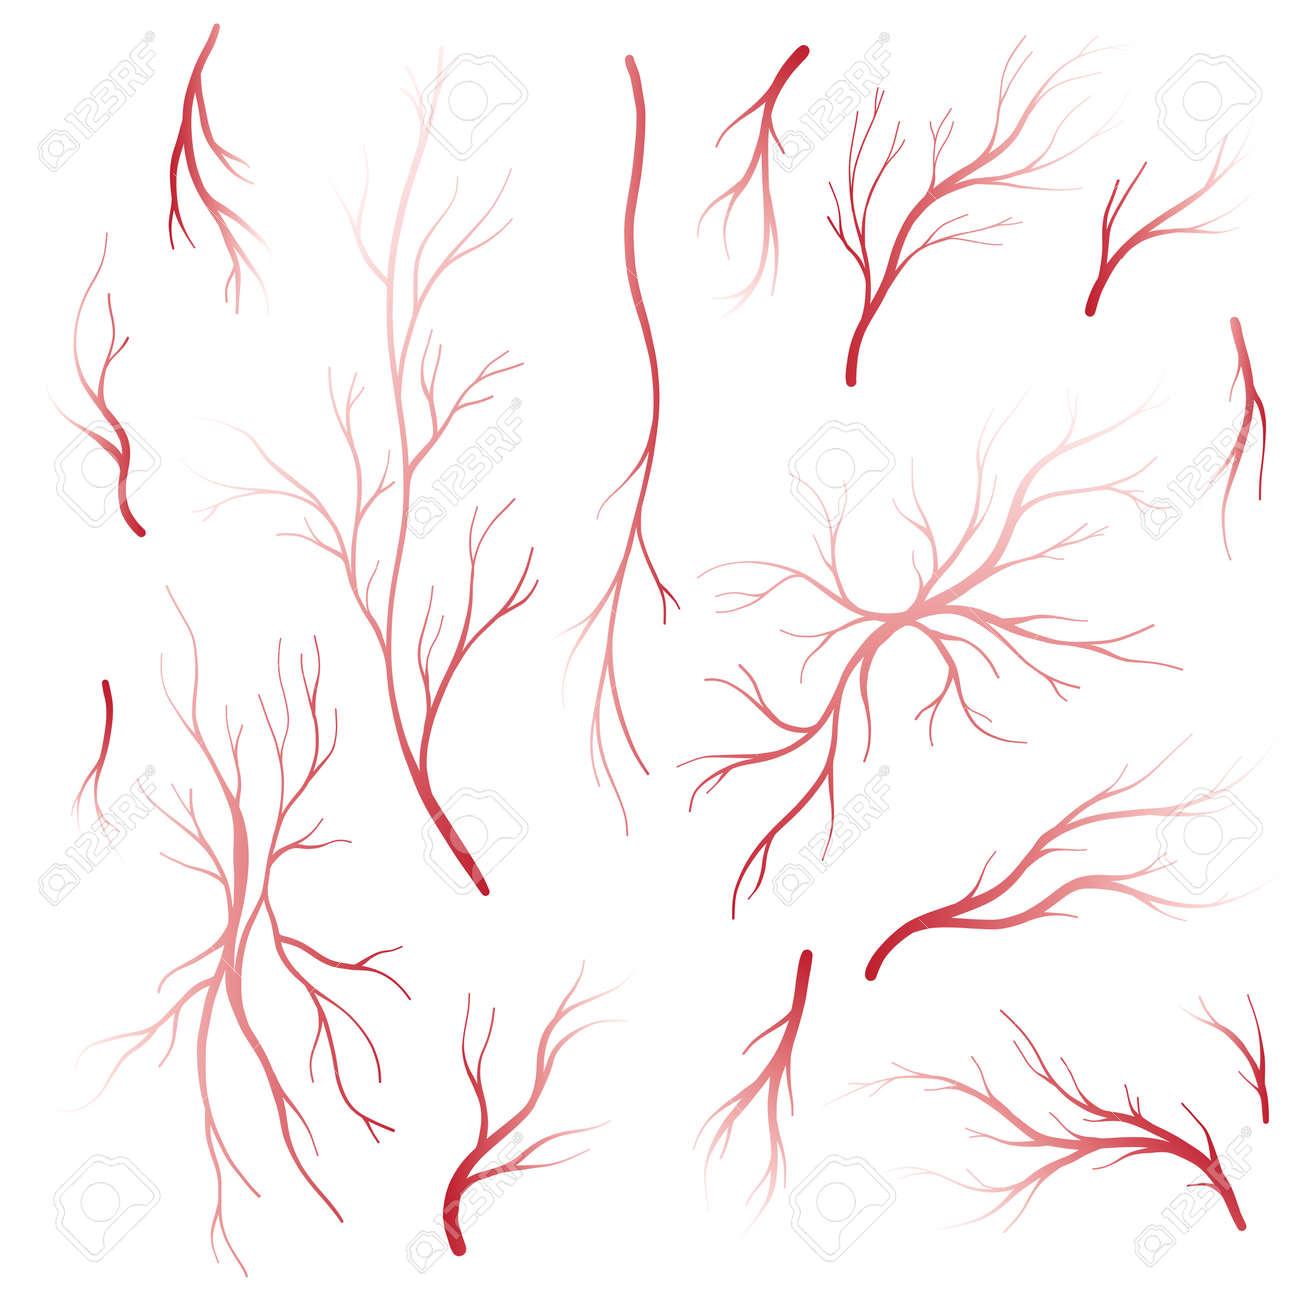 Menschliche Augenadern Und Arterien, Rote Blutgefäße. Blut-System ...